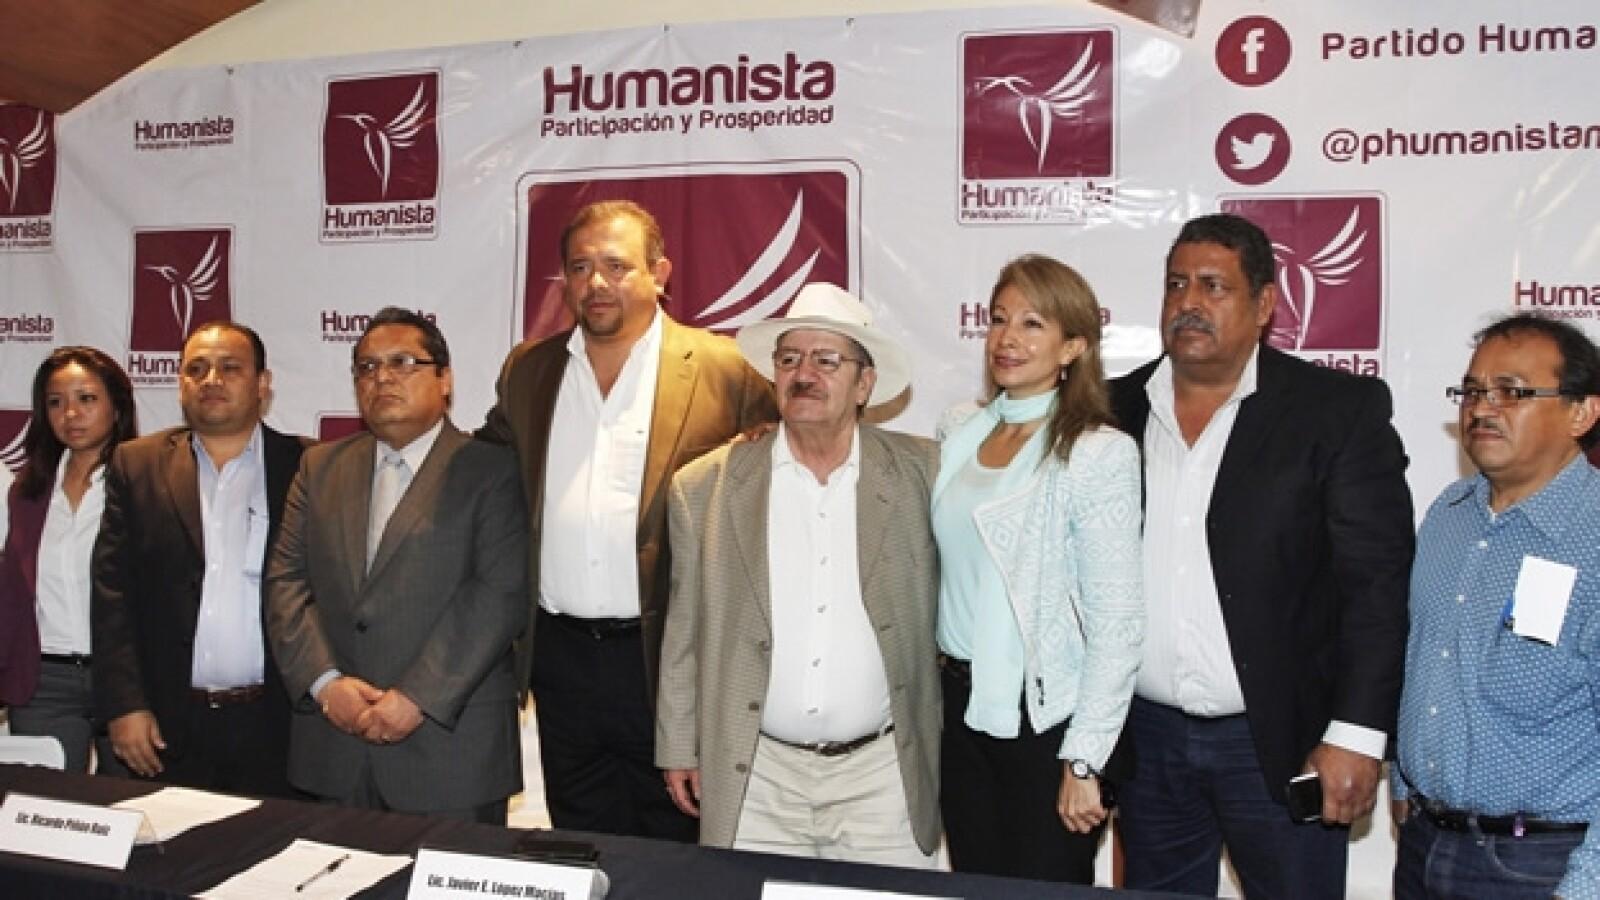 Partidos nuevos-Humanista